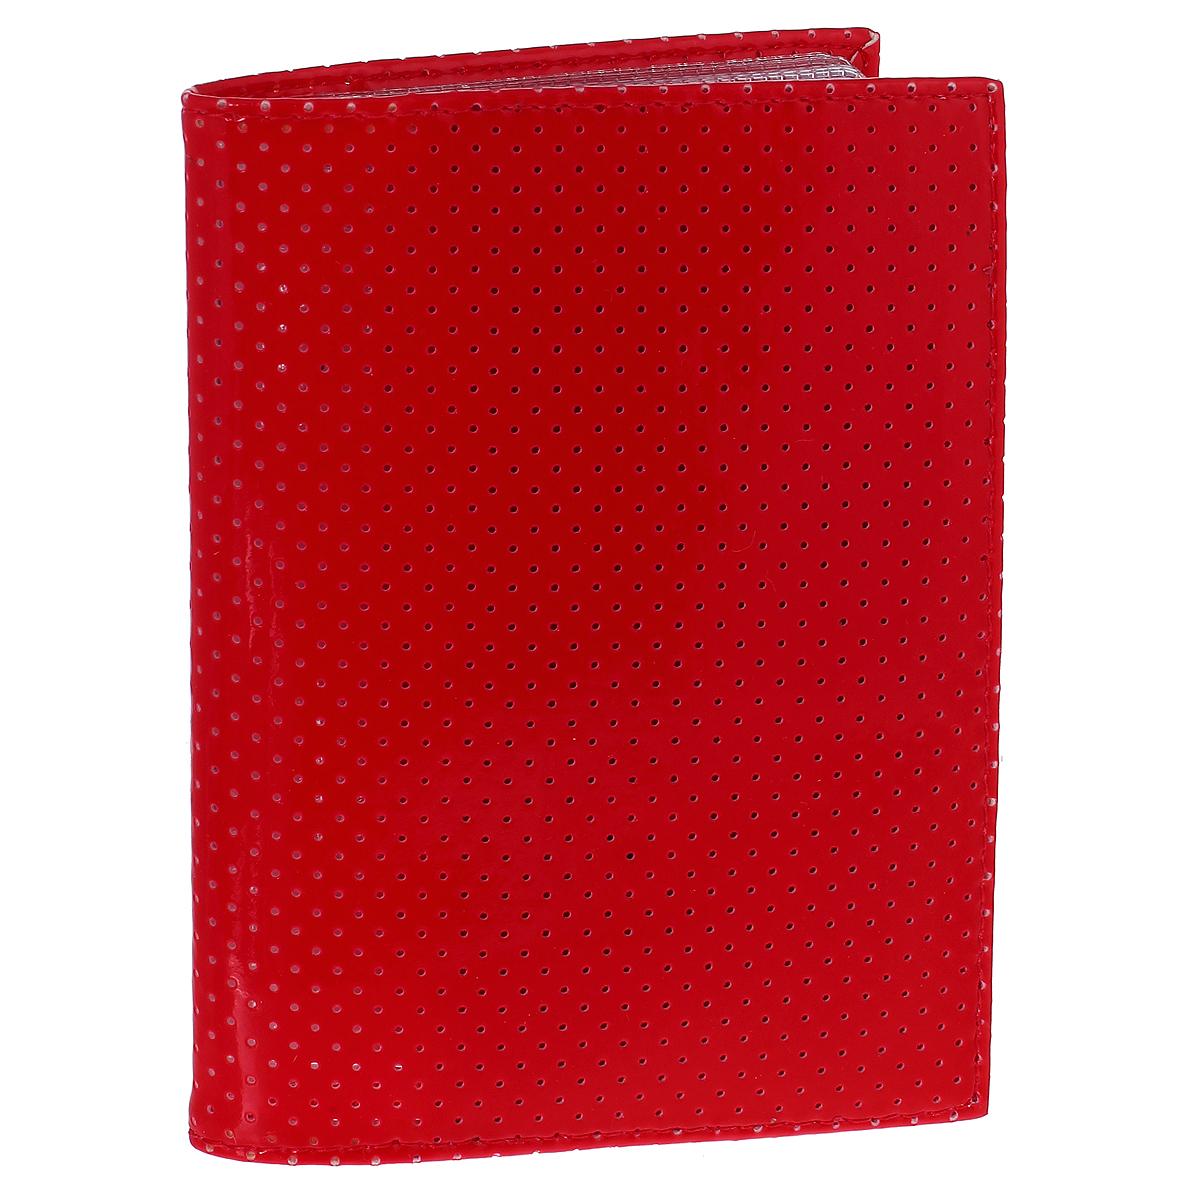 Бумажник водителя Dimanche, цвет: красный. 229/10229/10Бумажник водителя Dimanche изготовлен из искусственной лакированной кожи красного цвета, оформленной мелкой перфорацией. Внутри содержится съемный блок из пяти прозрачных пластиковых файлов. Также имеется четыре кармашка для пластиковых карт и гнездо для сим-карты. Стильный бумажник не только поможет сохранить внешний вид ваших документов и защити их от грязи и пыли, но и станет стильным аксессуаром, идеально подходящим вашему образу.